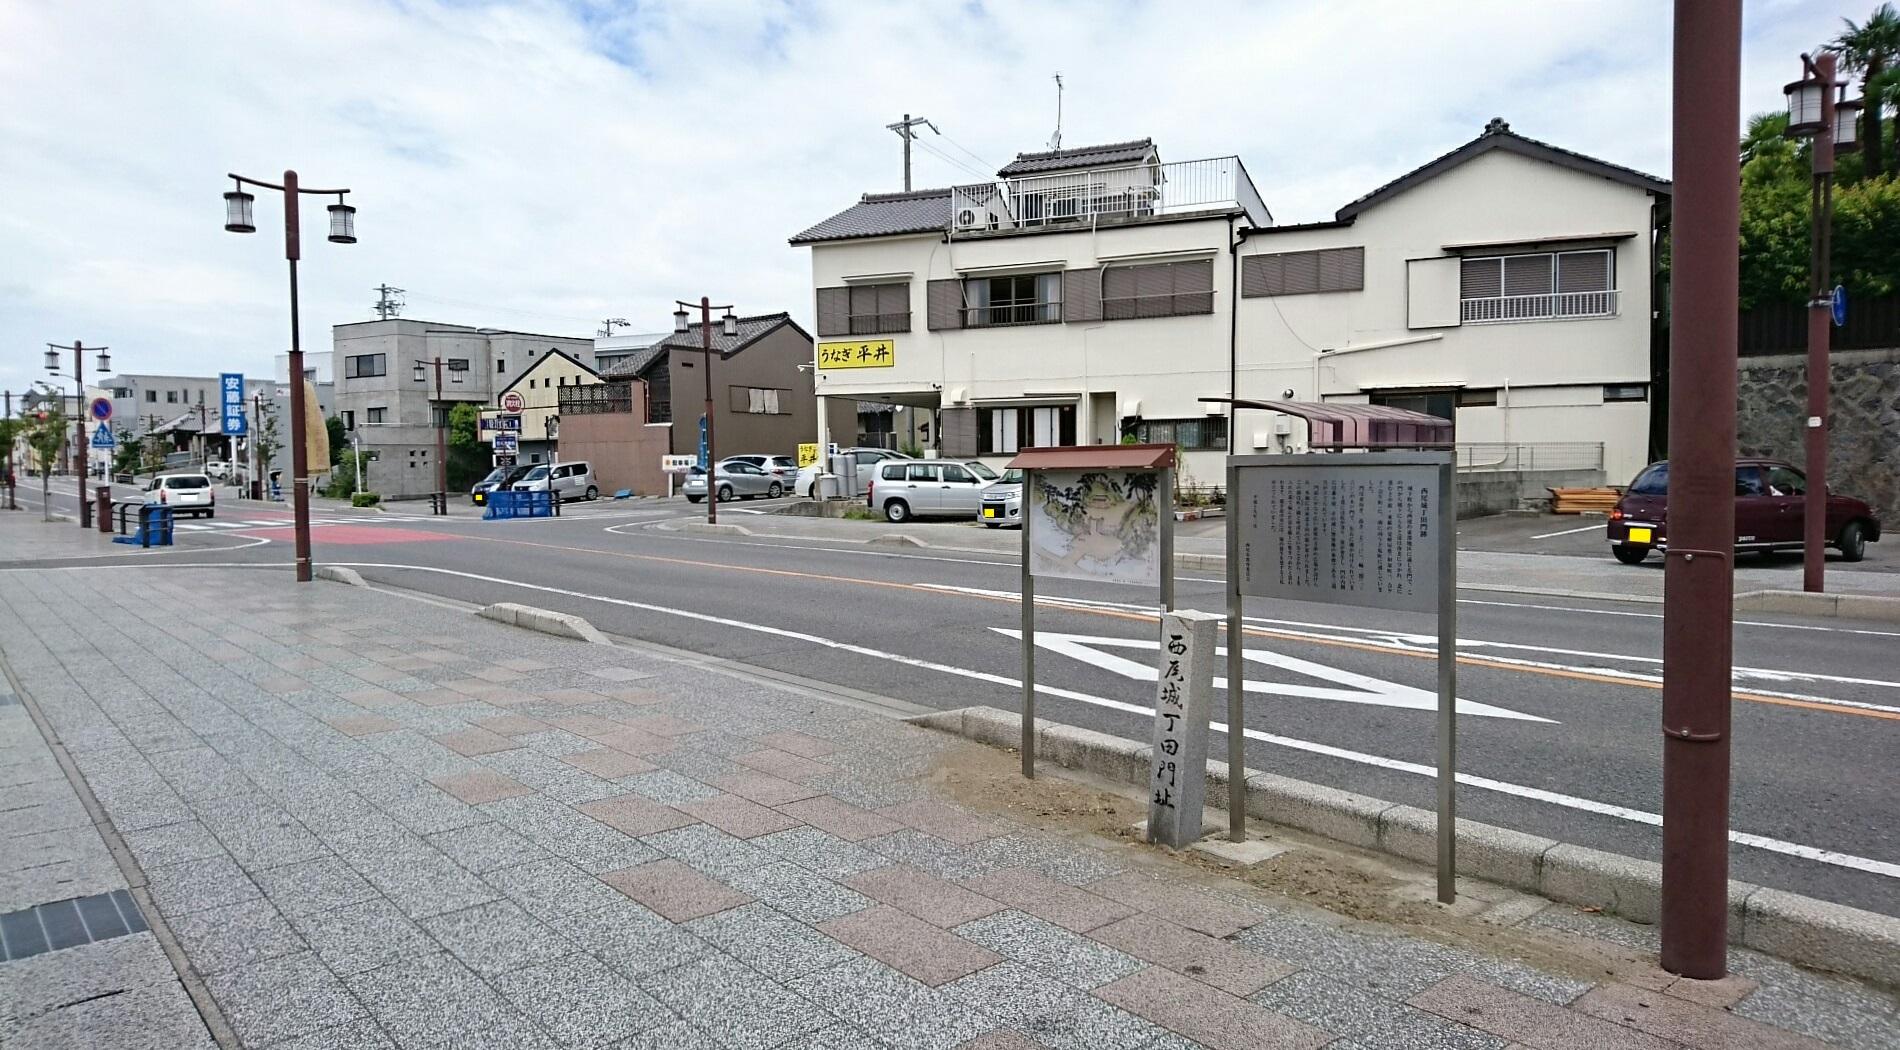 2017.7.21 西尾 (4) うなぎの平井さん 1900-1050